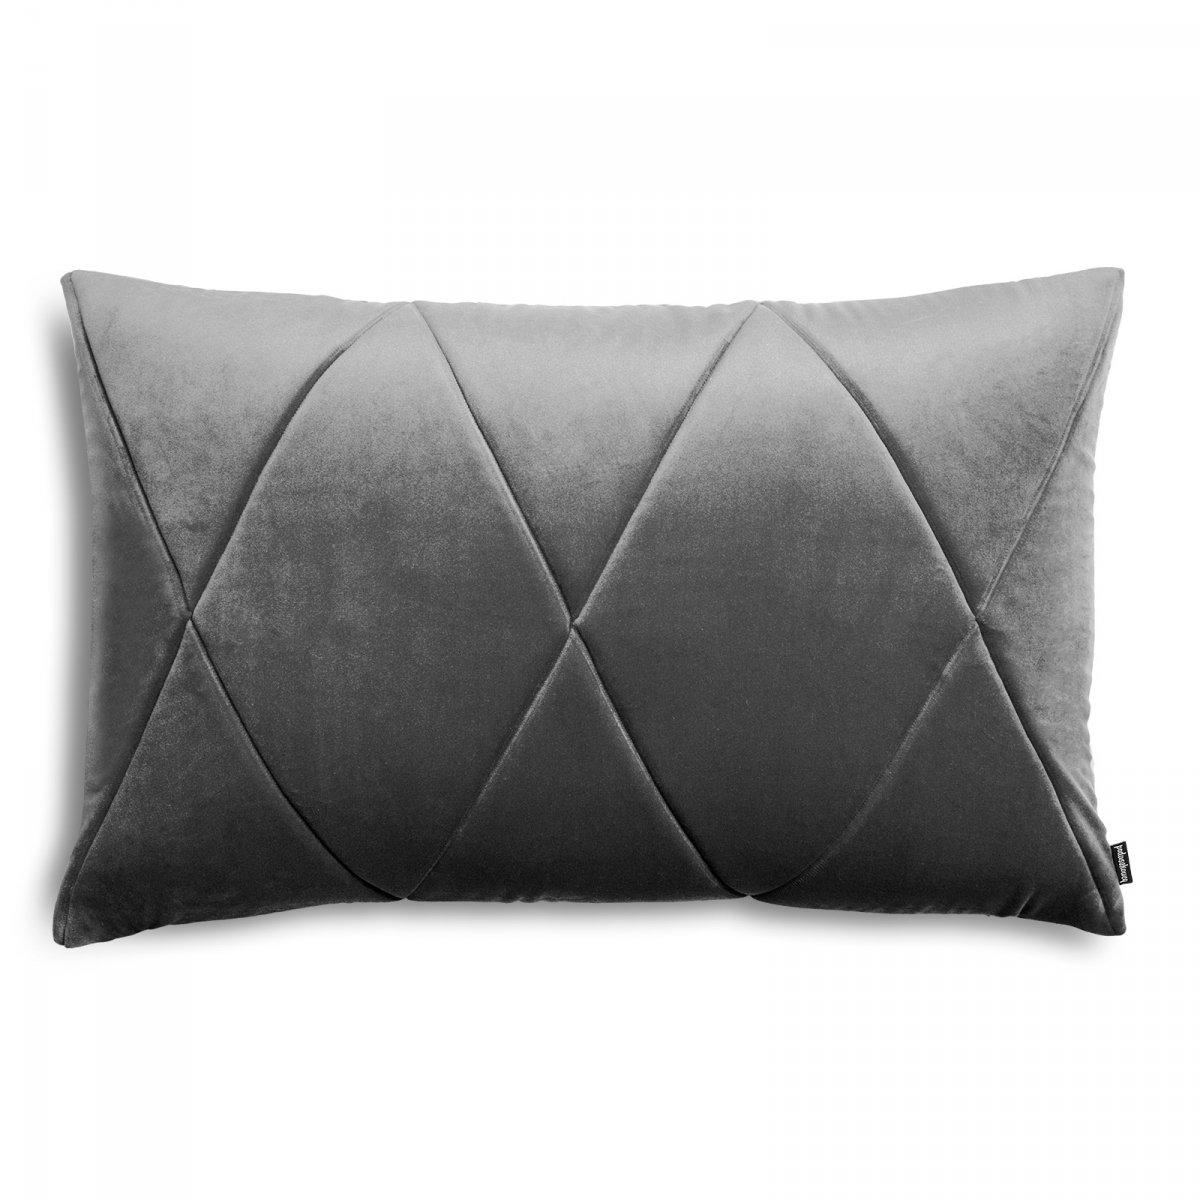 Touch poduszka dekoracyjna grafitowa 60x40 MOODI